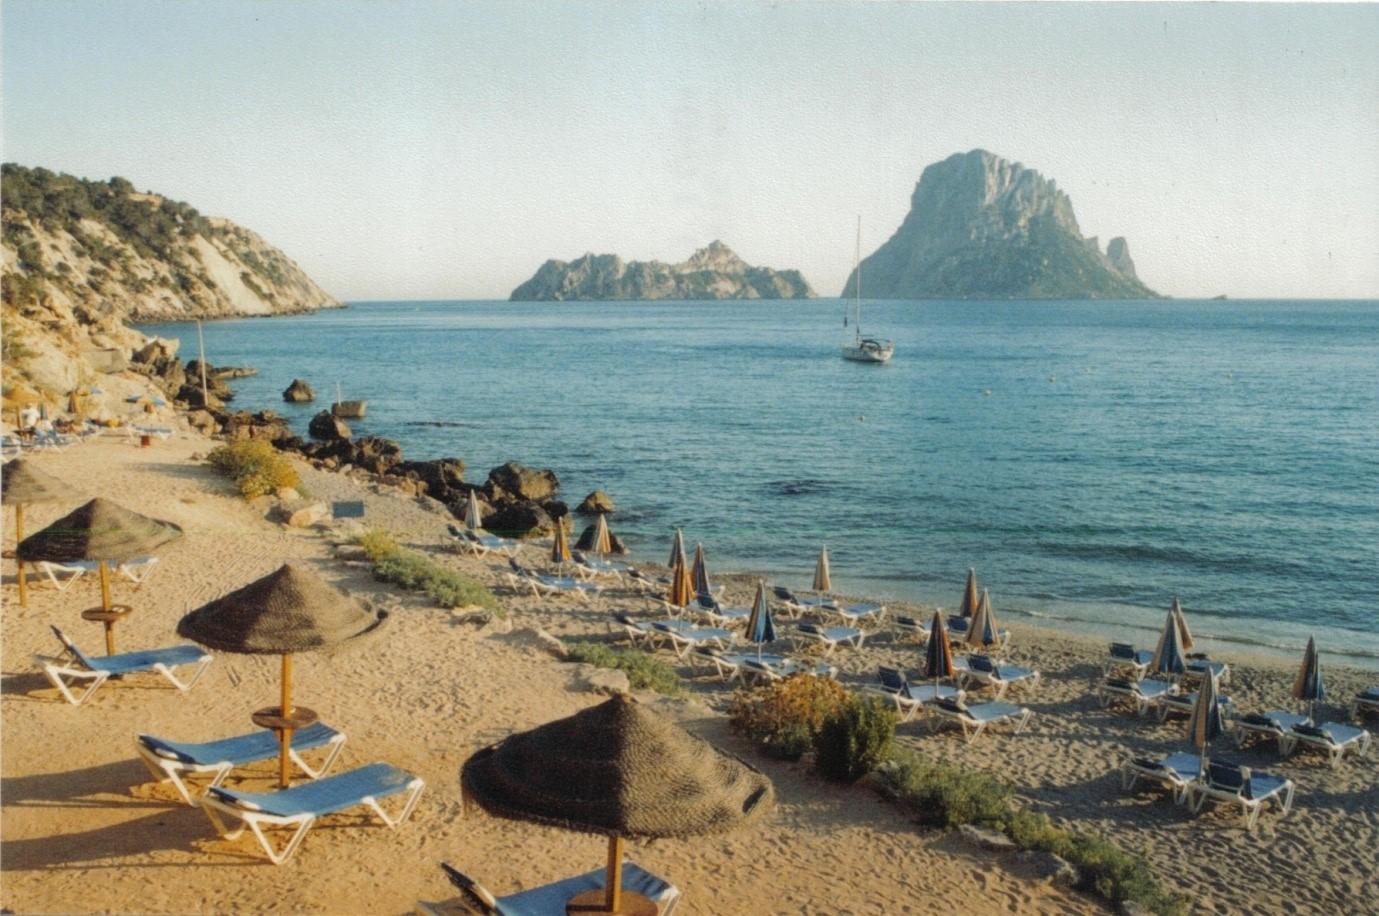 5.Ibiza, Mediterranean